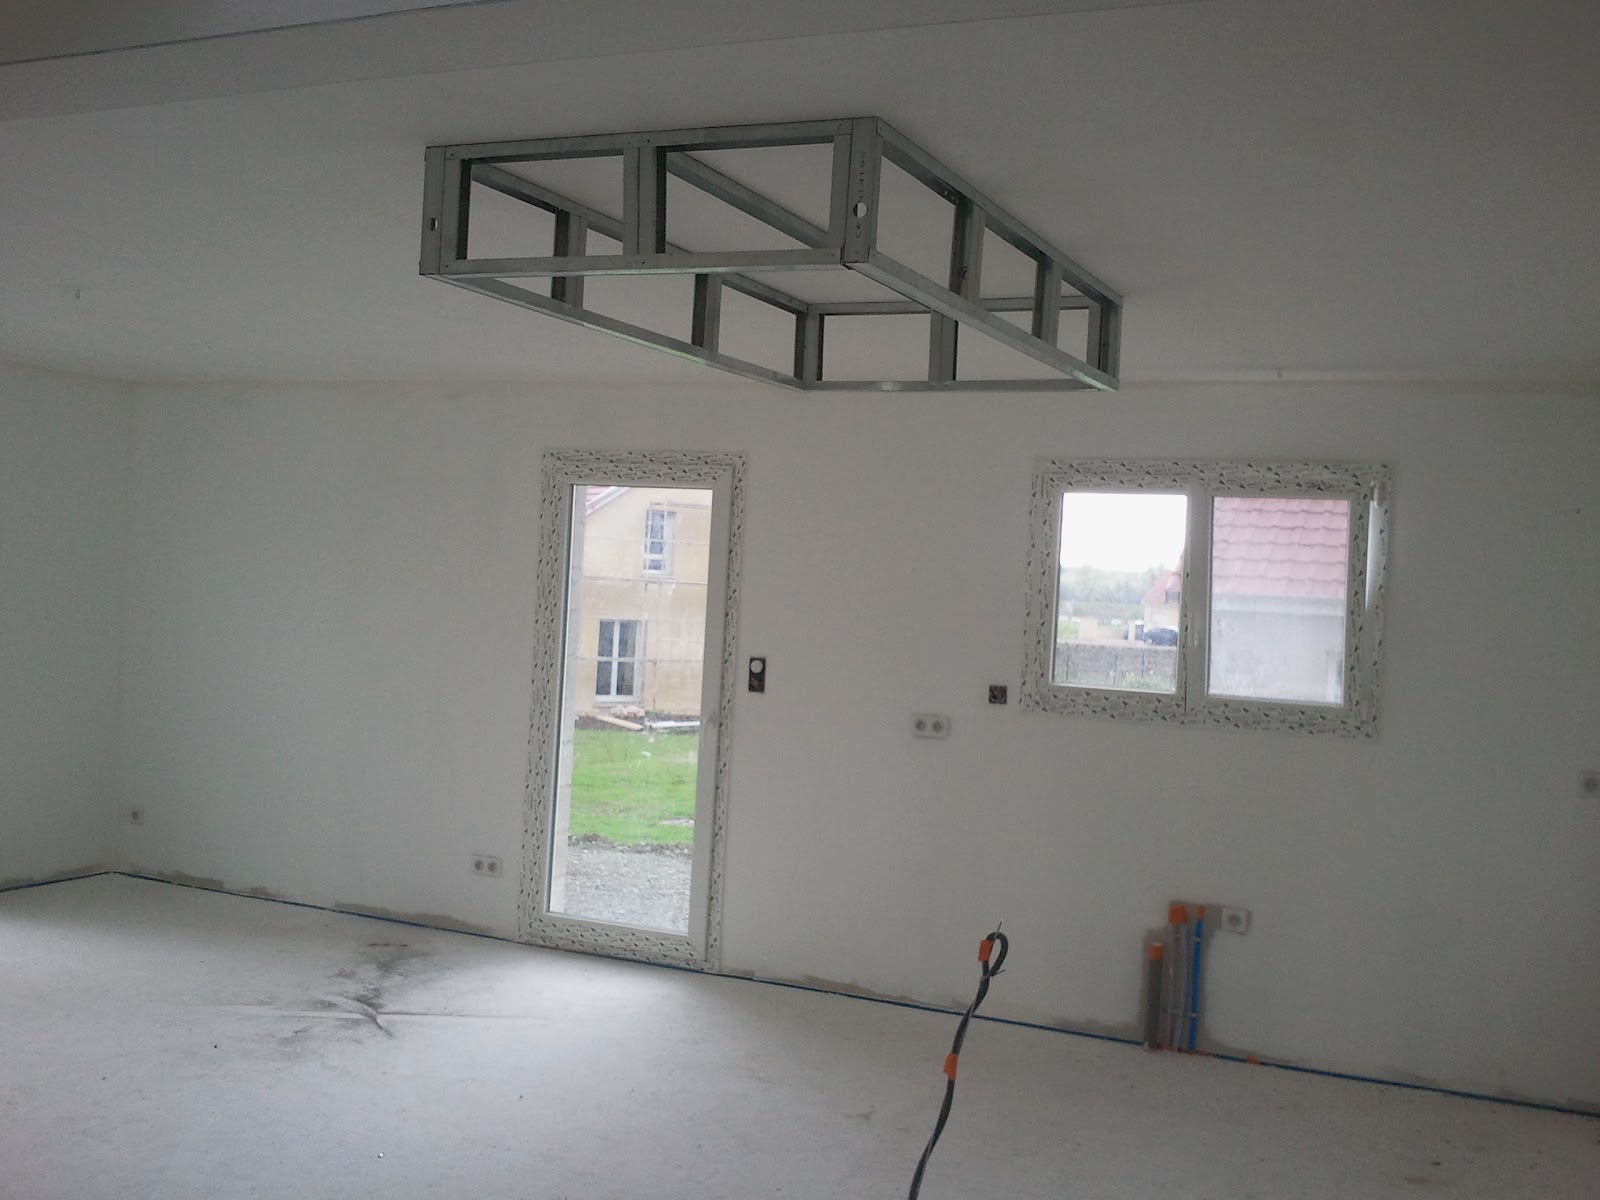 Bricolage  De lide  la ralisation  Un Caisson  Dcaissement au plafond faux plafond en